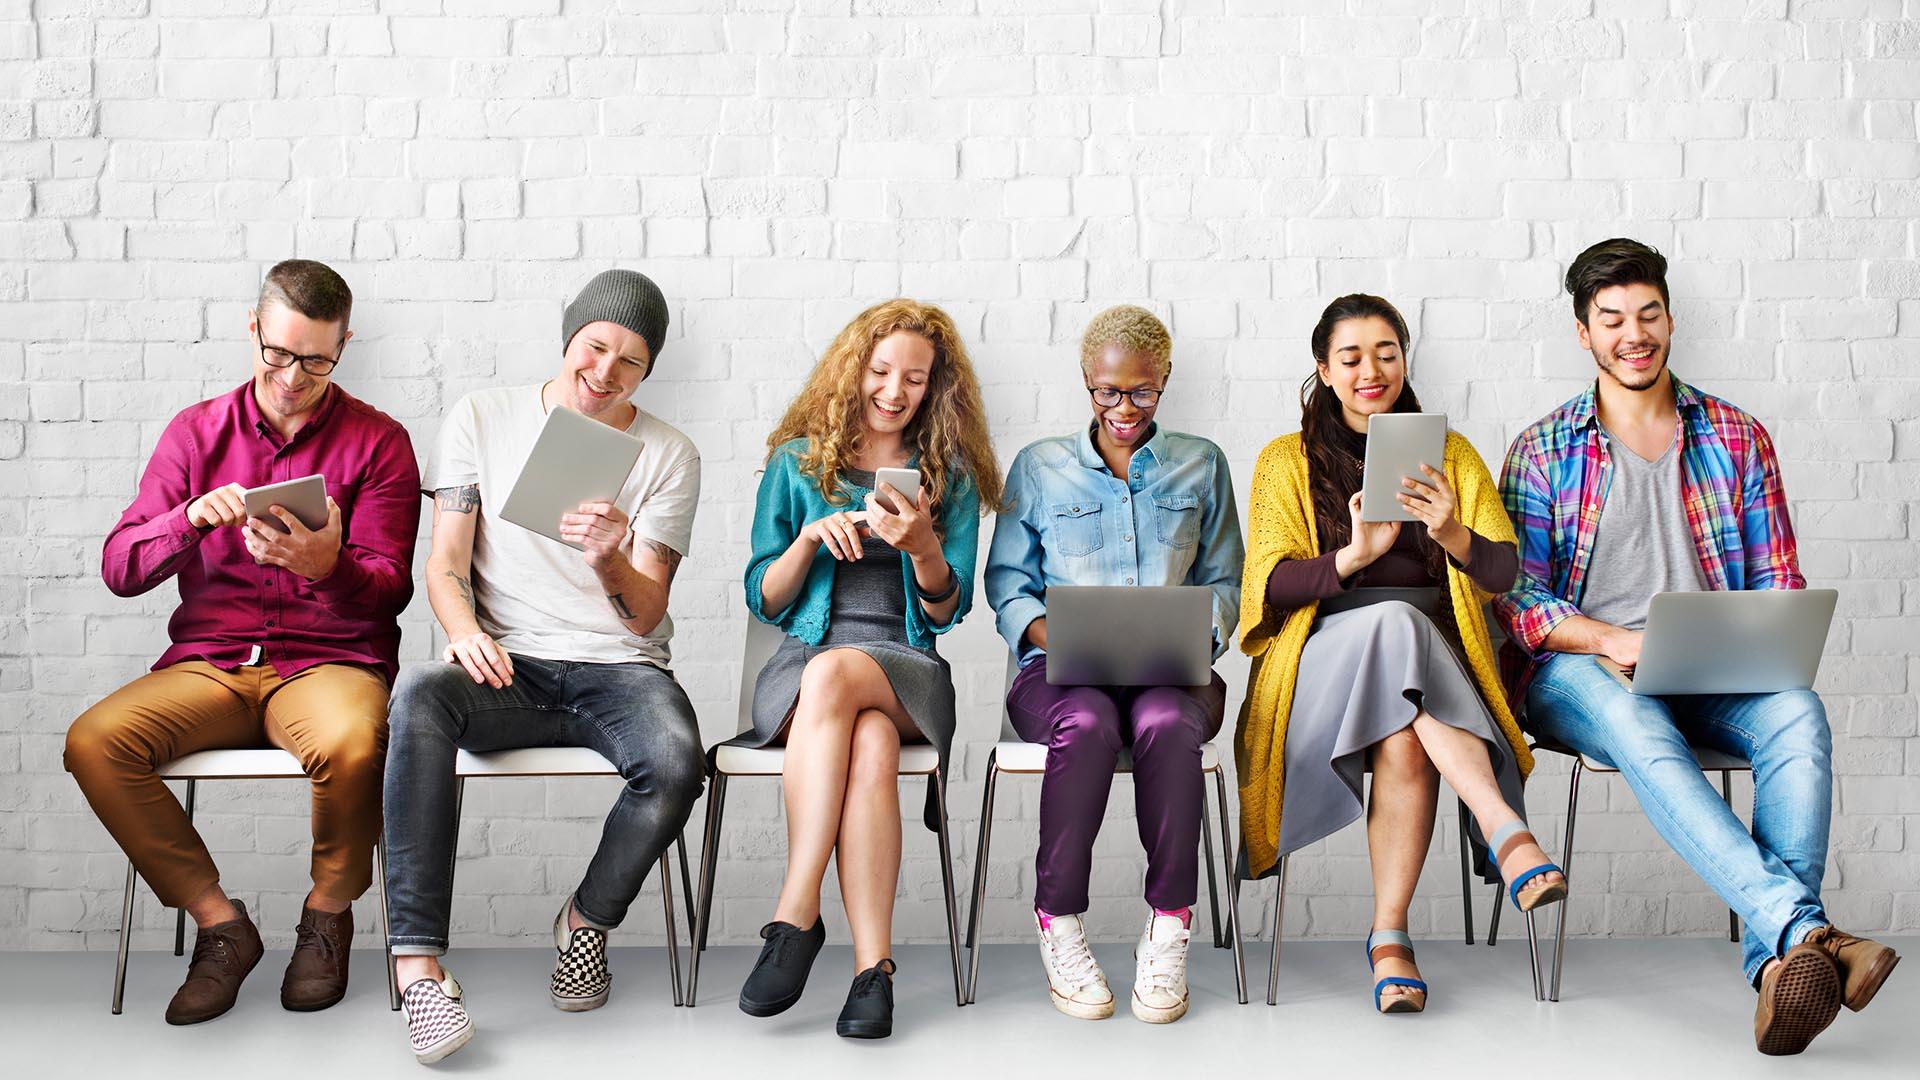 La generación del milenio es narcisista, intrínsecamente social e impaciente (iStock)